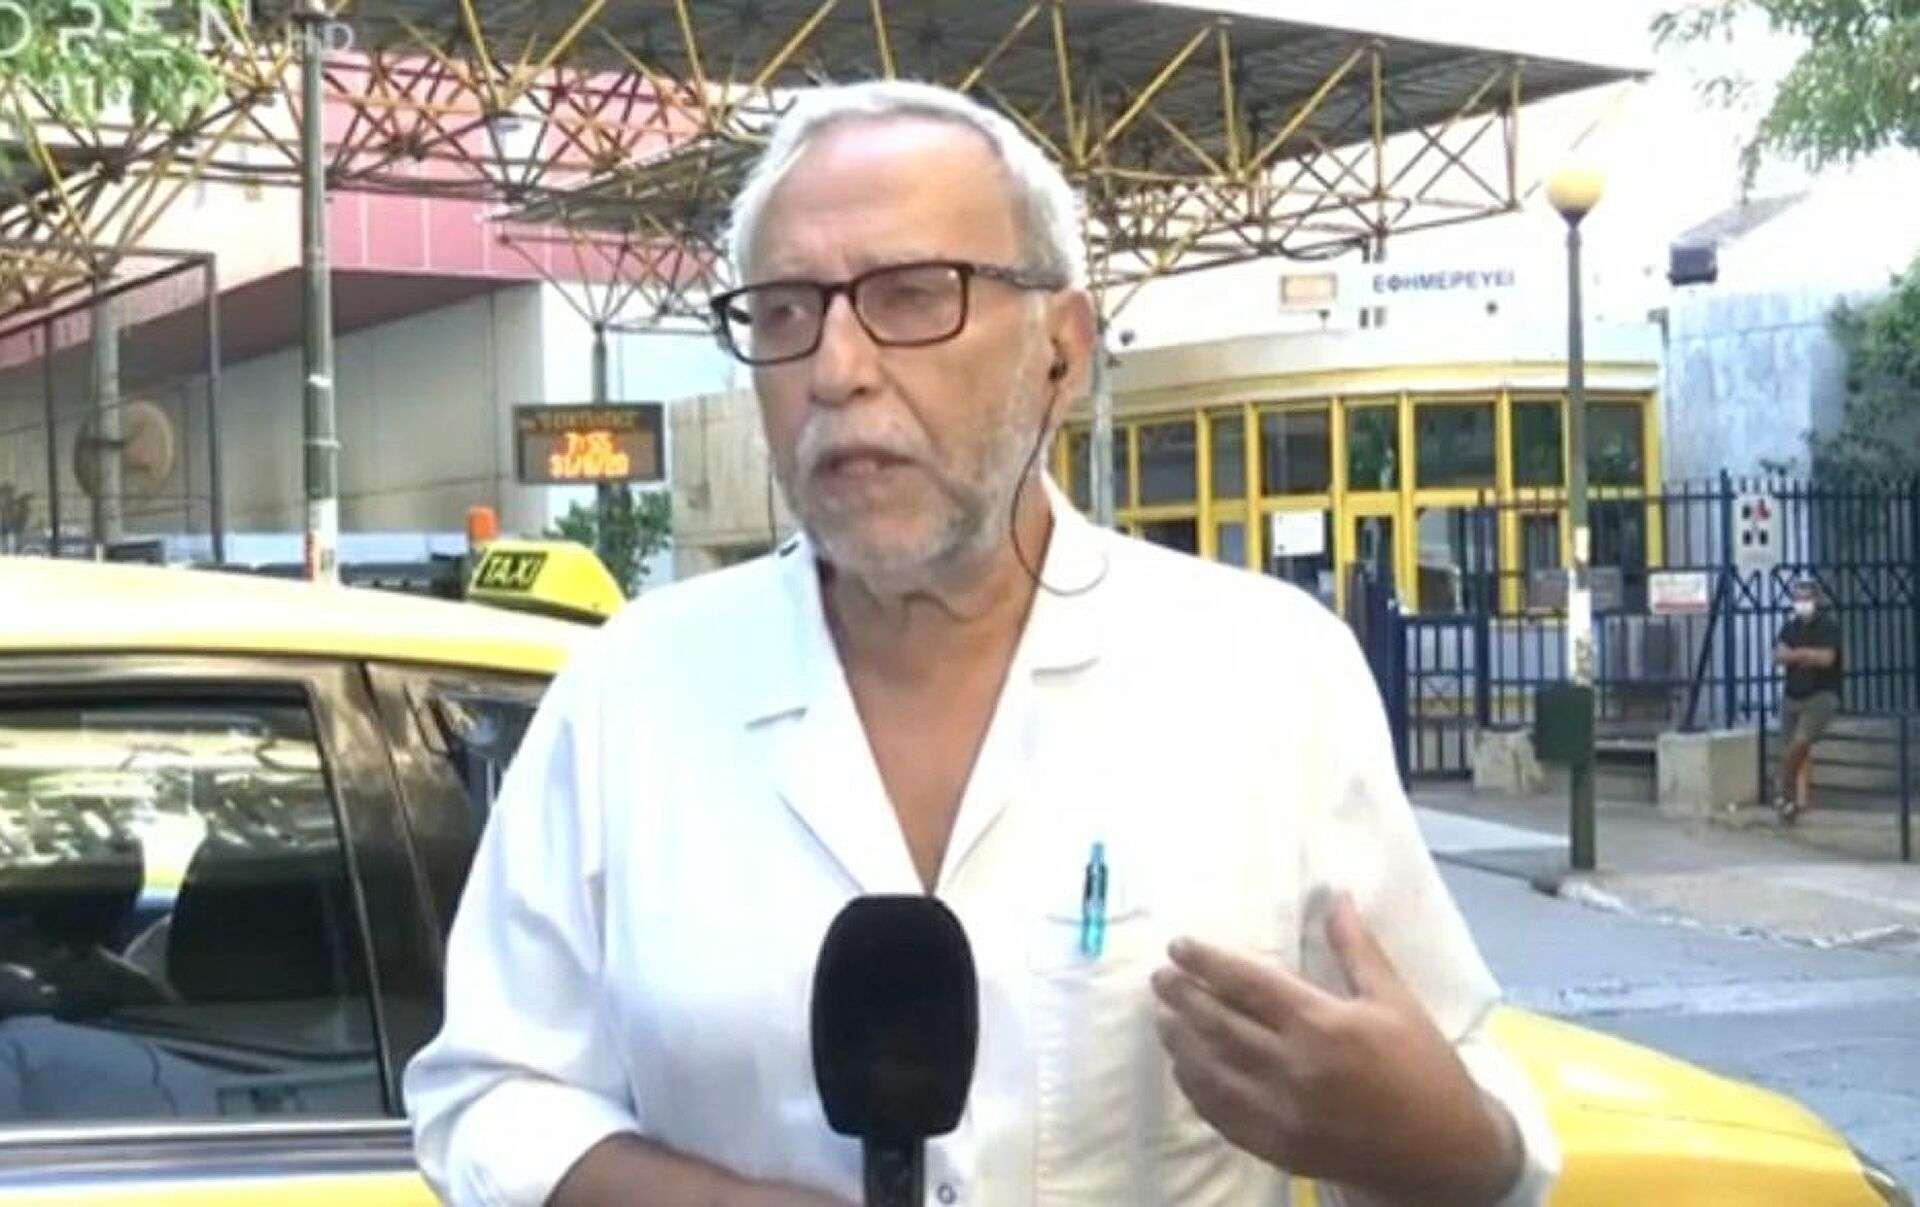 Η διοίκηση του «Ευαγγελισμού» αρνείται την εθελοντική εργασία του Ηλία Σιώρα!!!